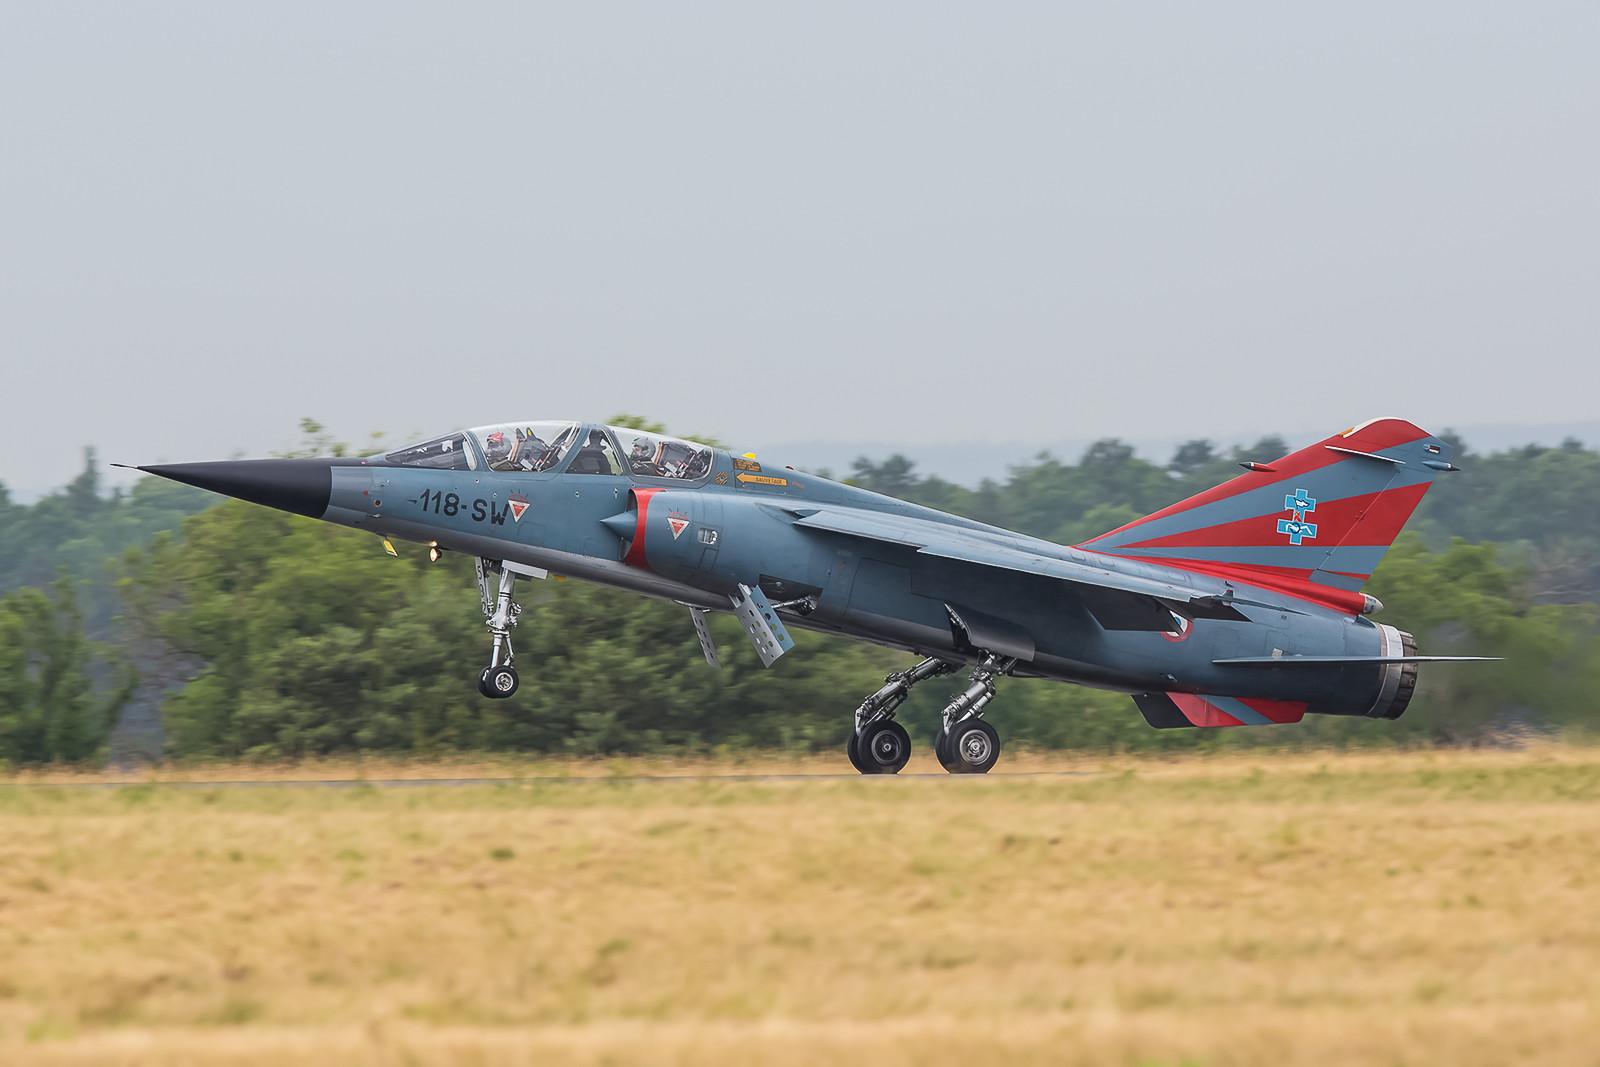 Jedoch waren die drei anwesenden Mirage F-1 sicher das Highlight für die meisten Spotter.